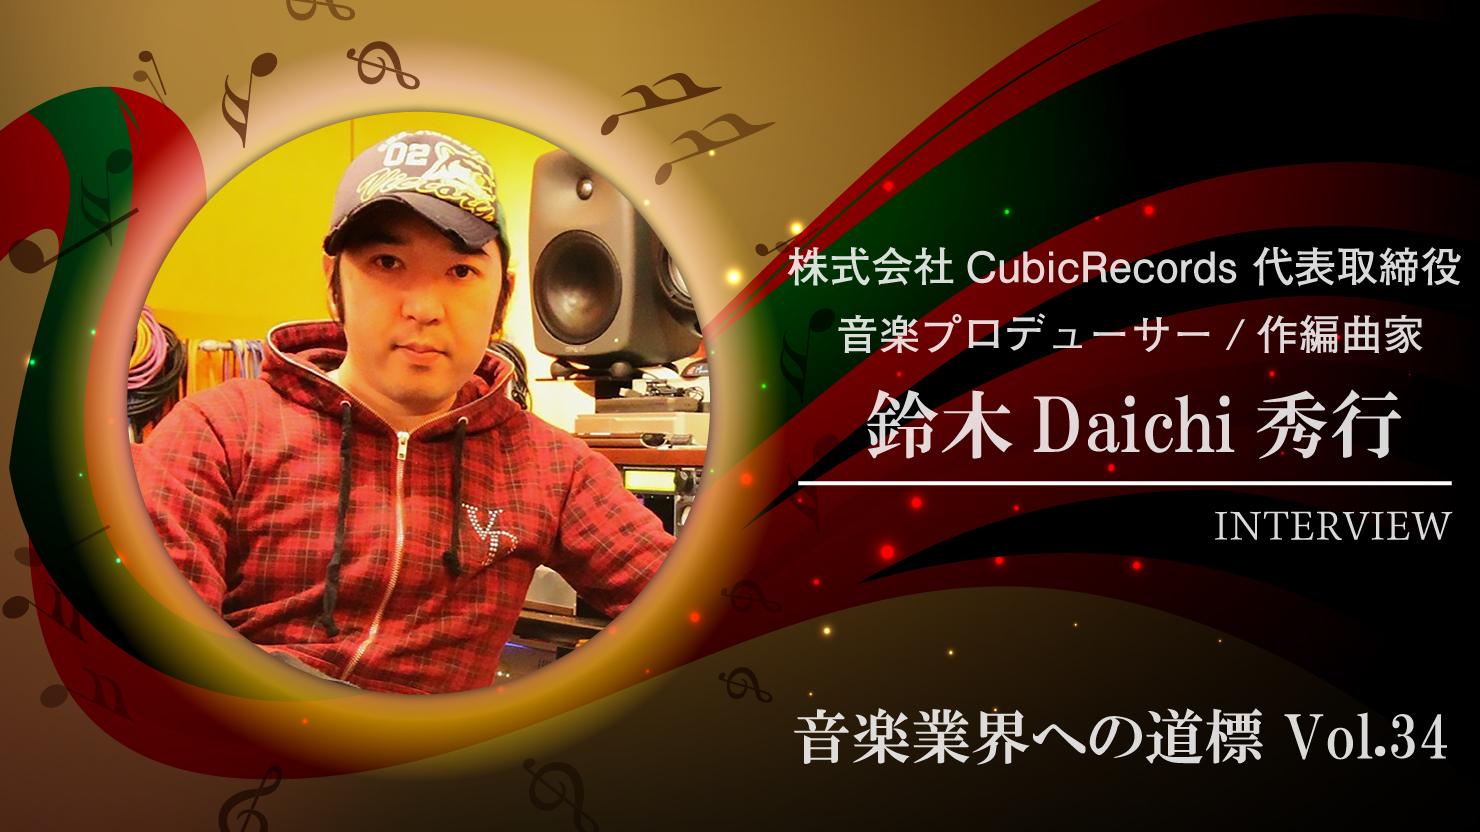 hideyuki-daichi-suzuki-interview-vol-34-Top